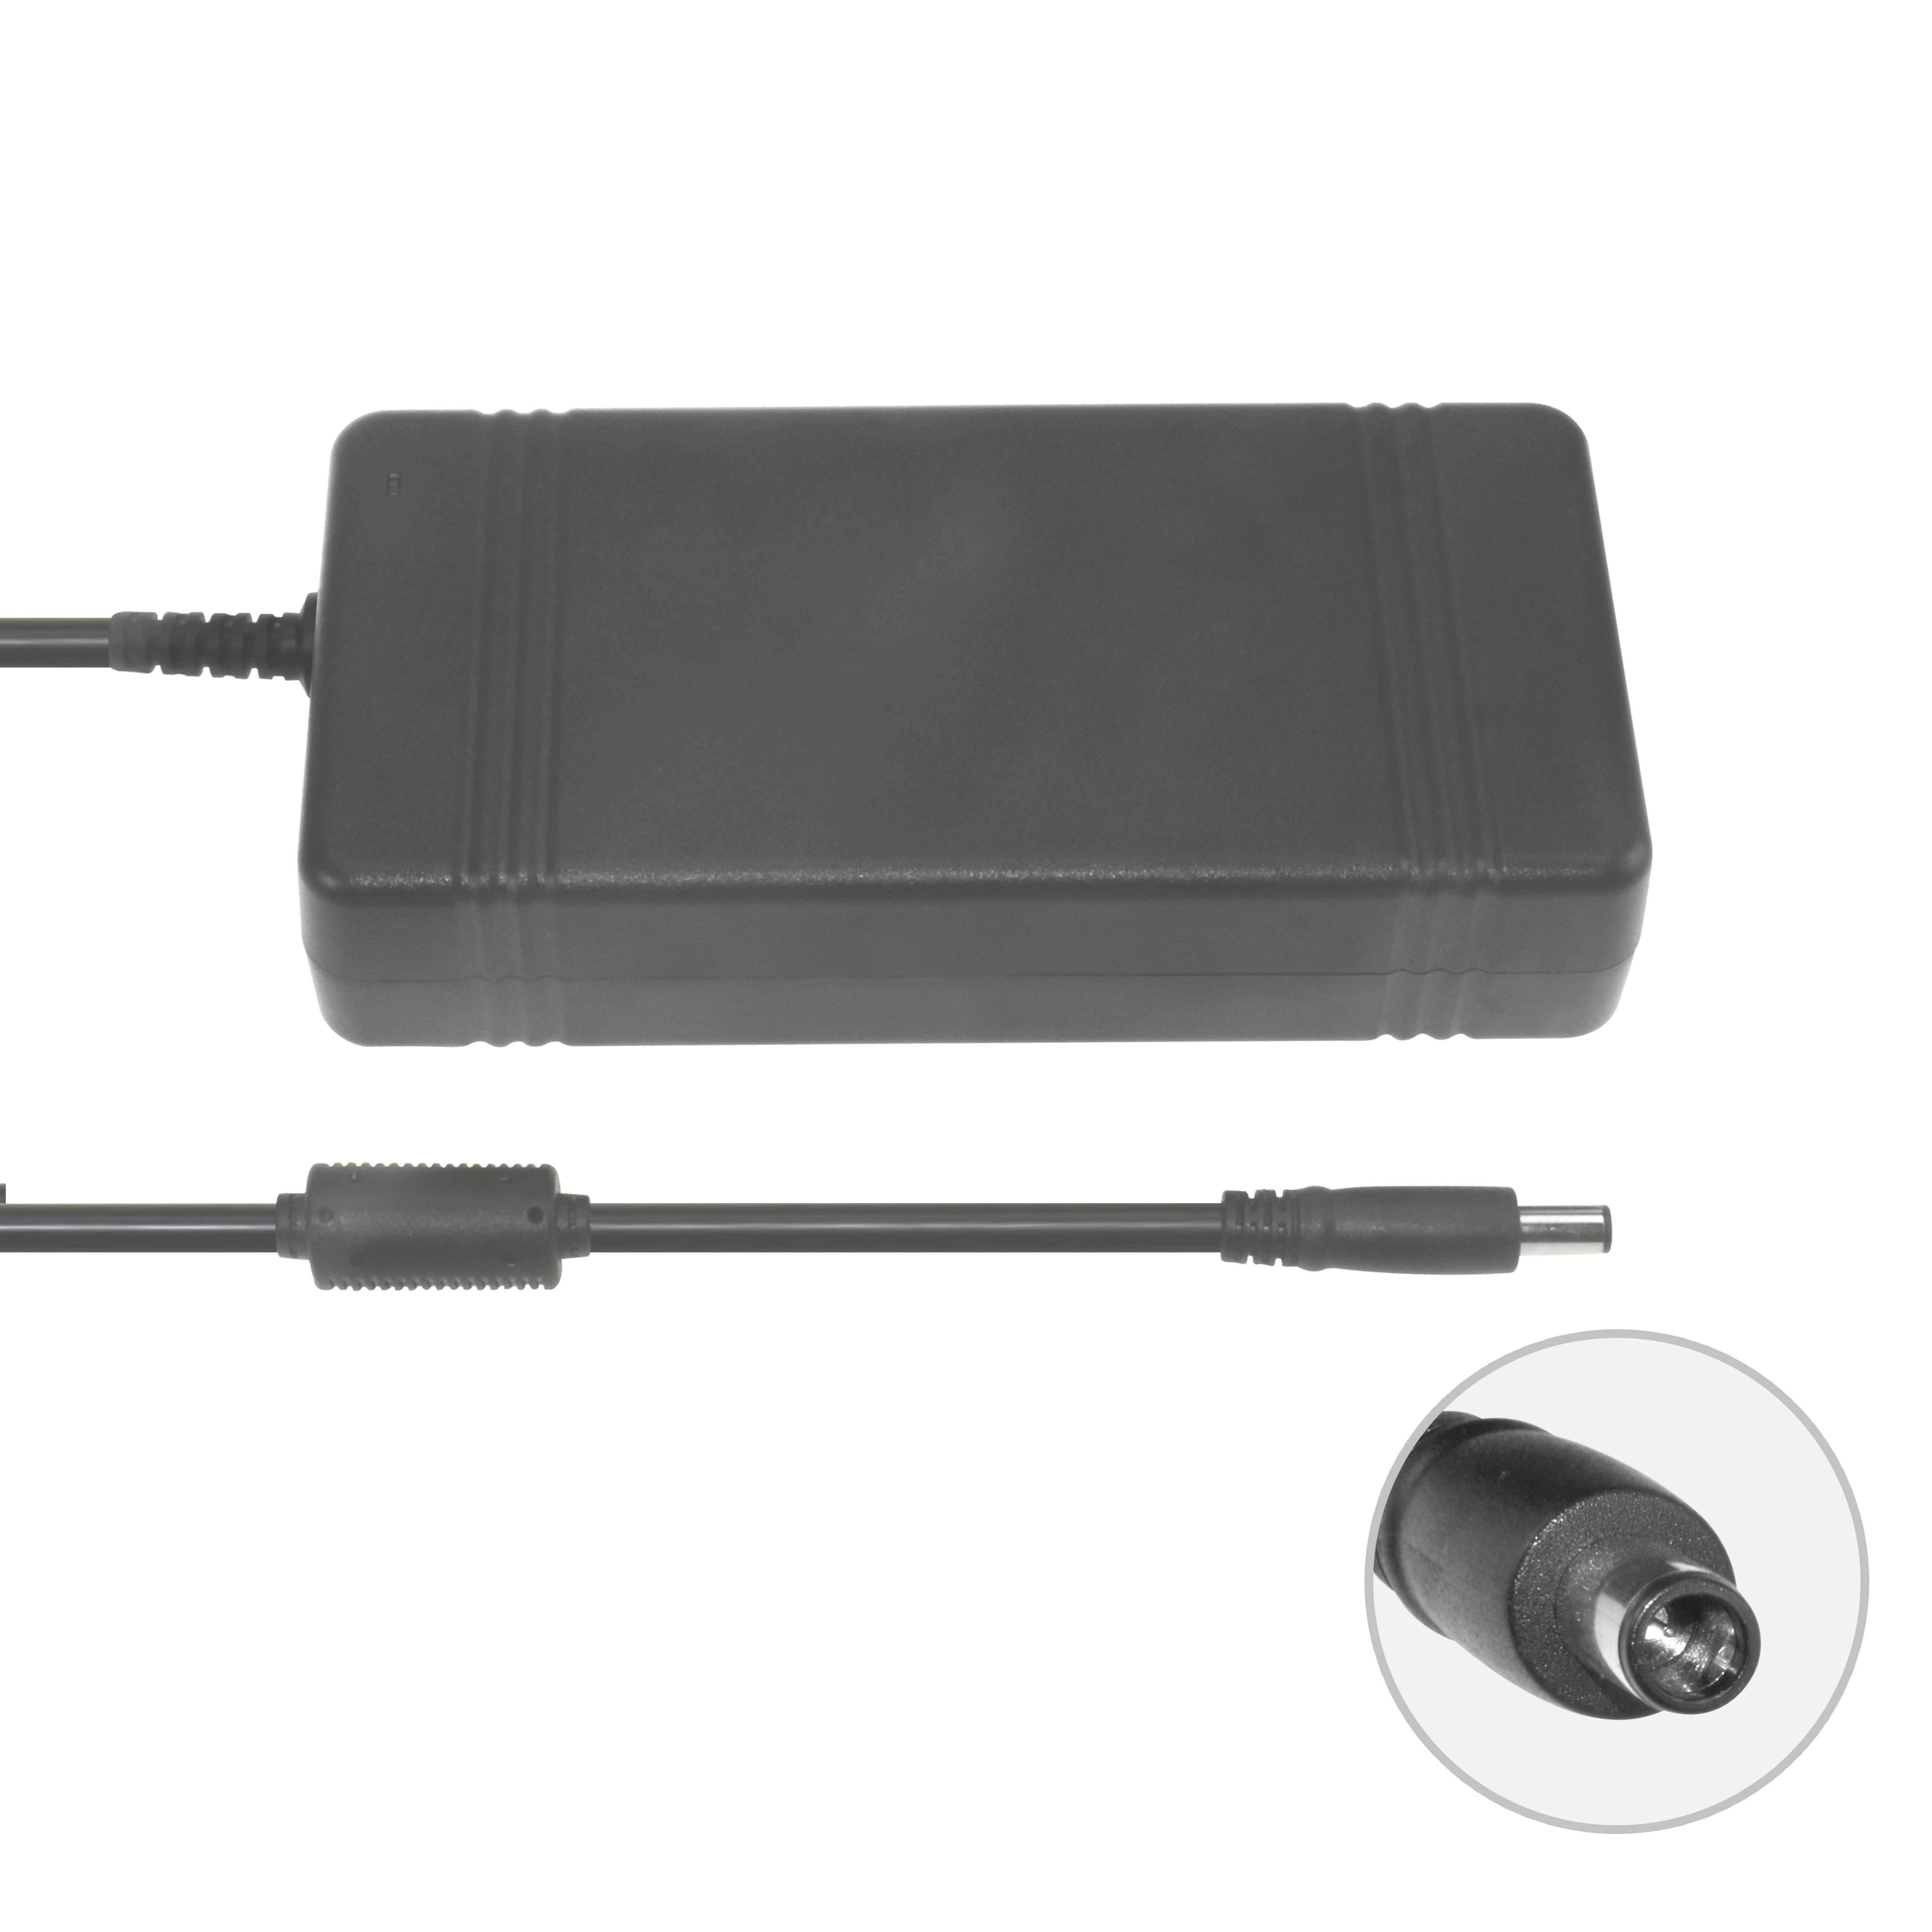 19,5 V 10.3A 200W 7,4*5,0mm portátil adaptador de alimentación de CA cargador de portátil para <span class=keywords><strong>HP</strong></span> ZBOOK 15G2 17G2